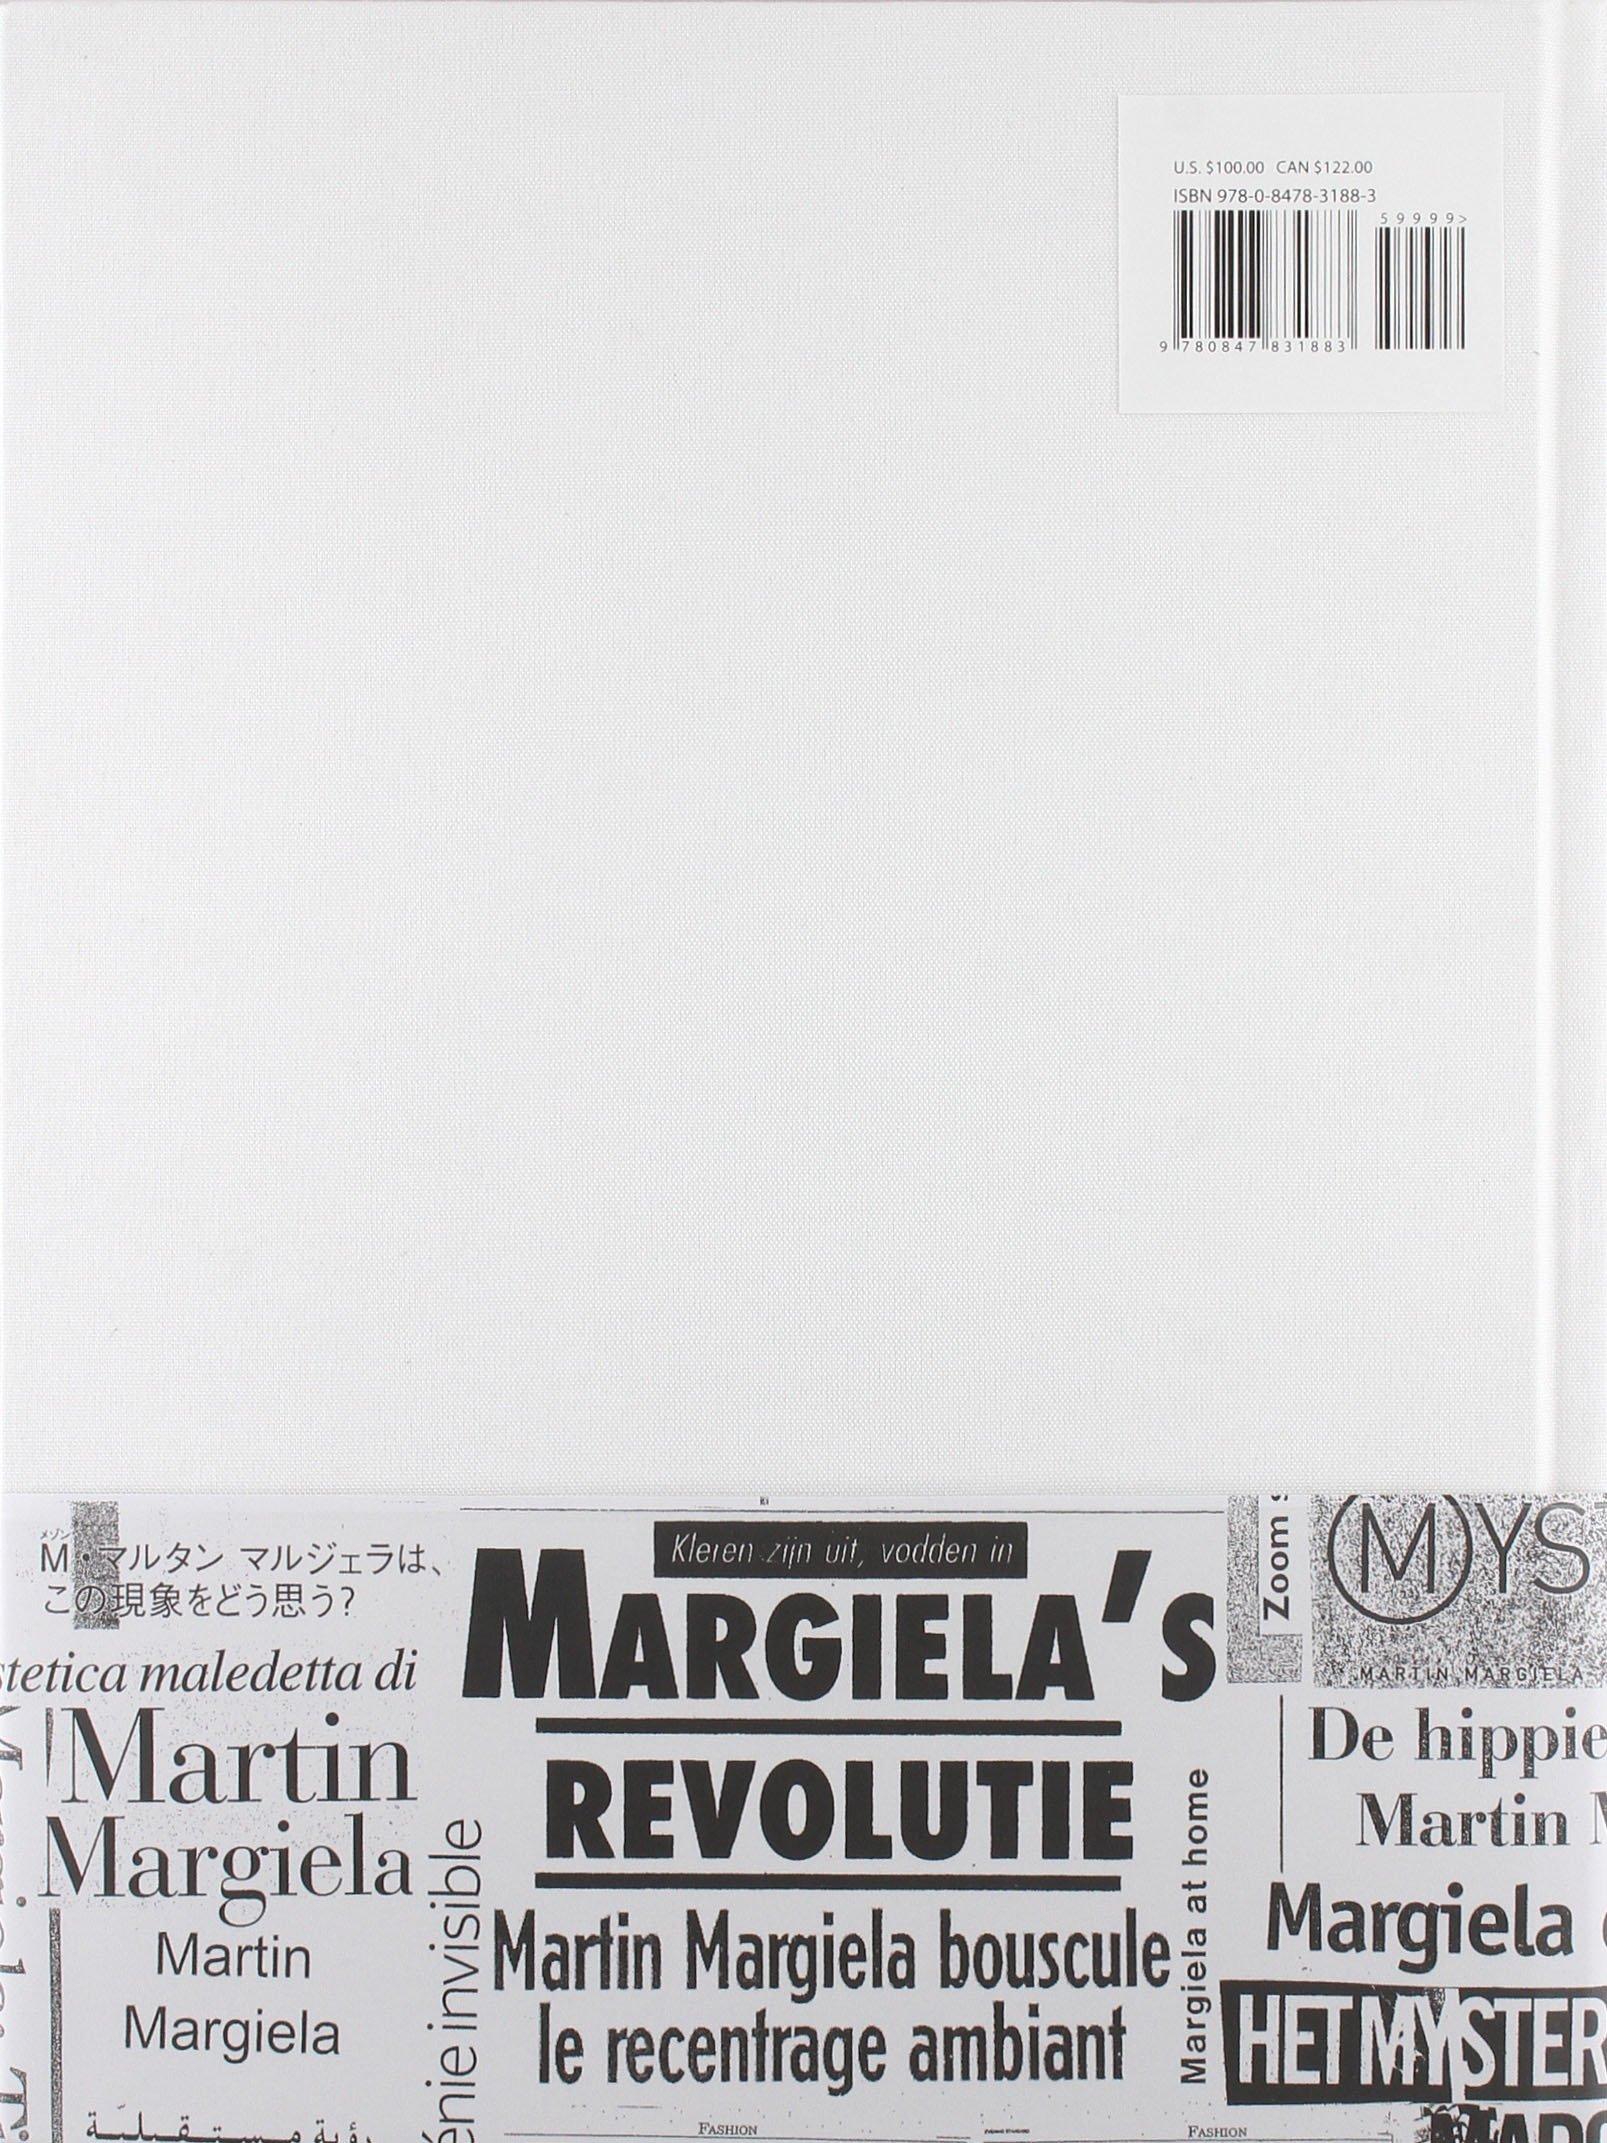 Maison Martin Margiela by Jean Paul Gaultier